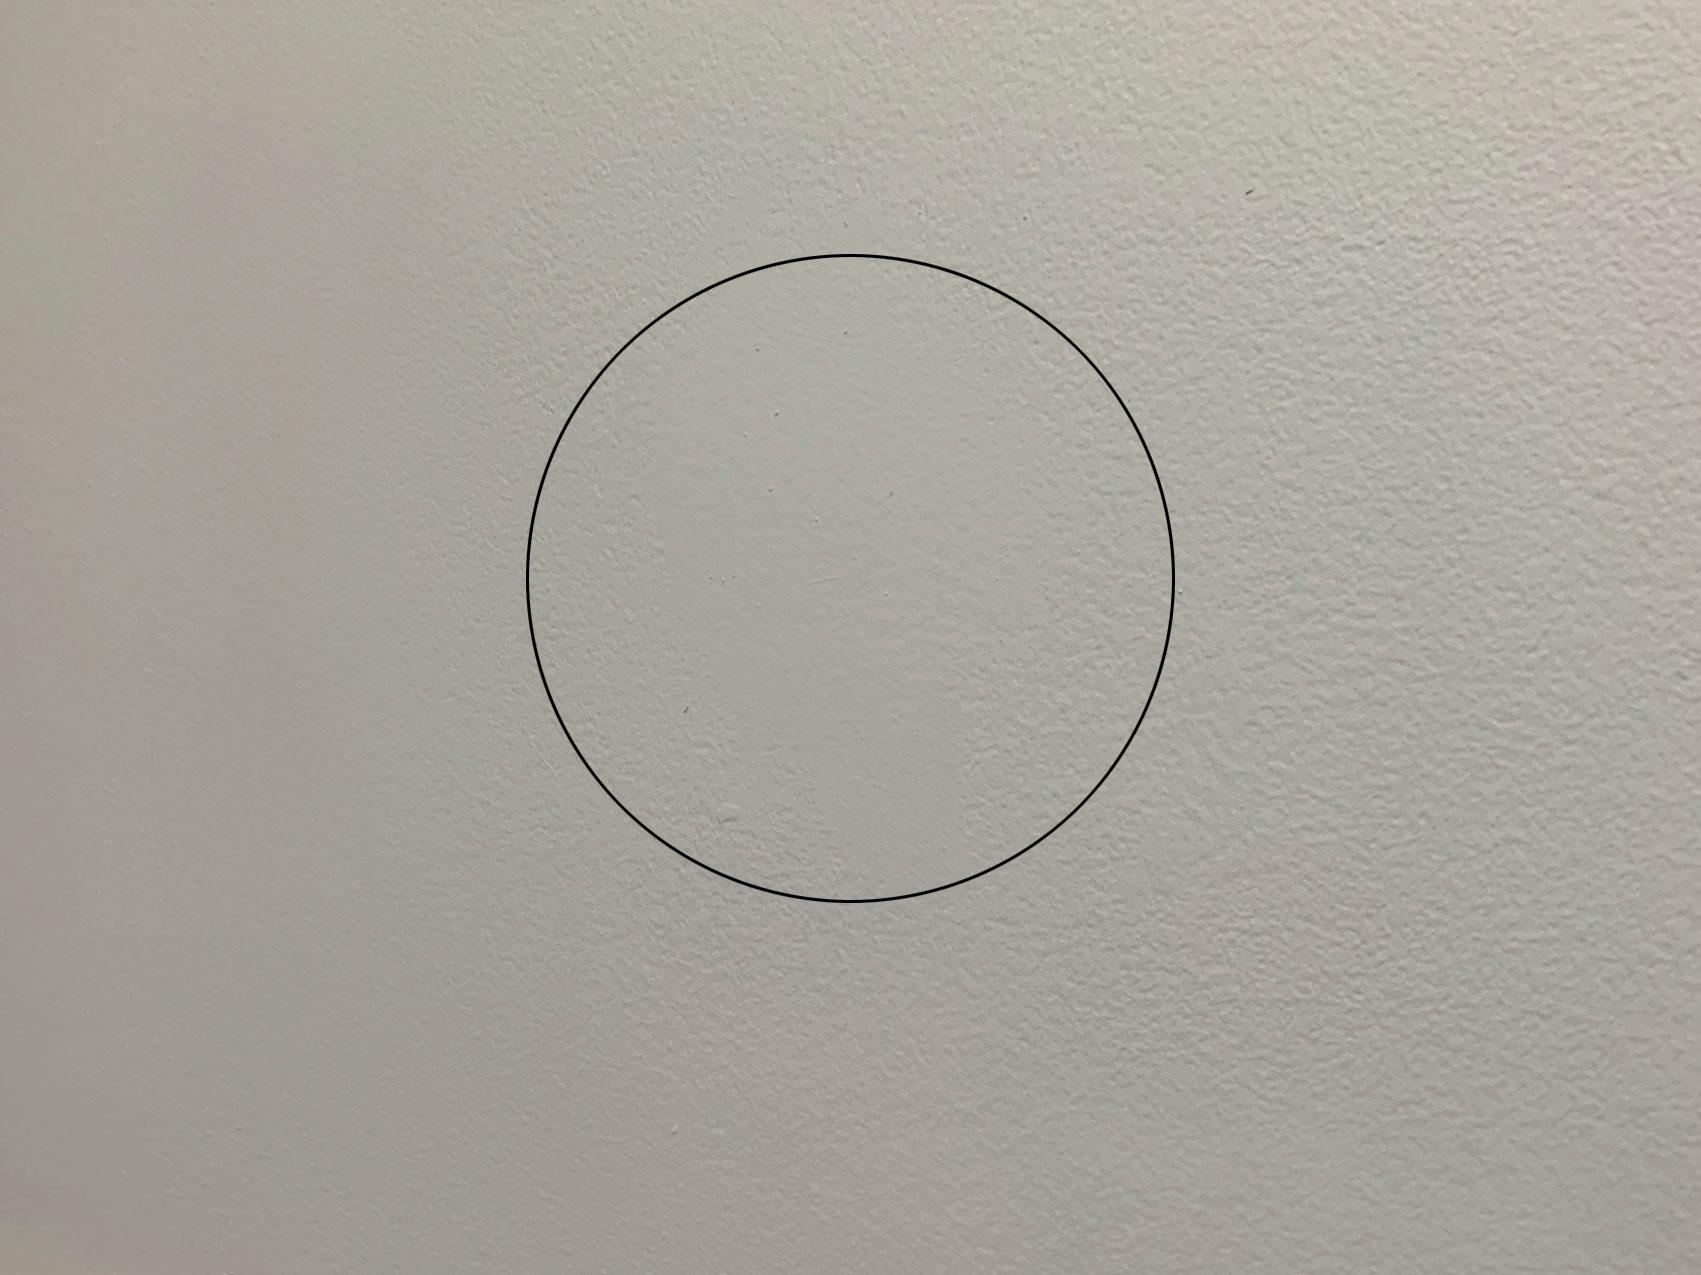 circle on wall